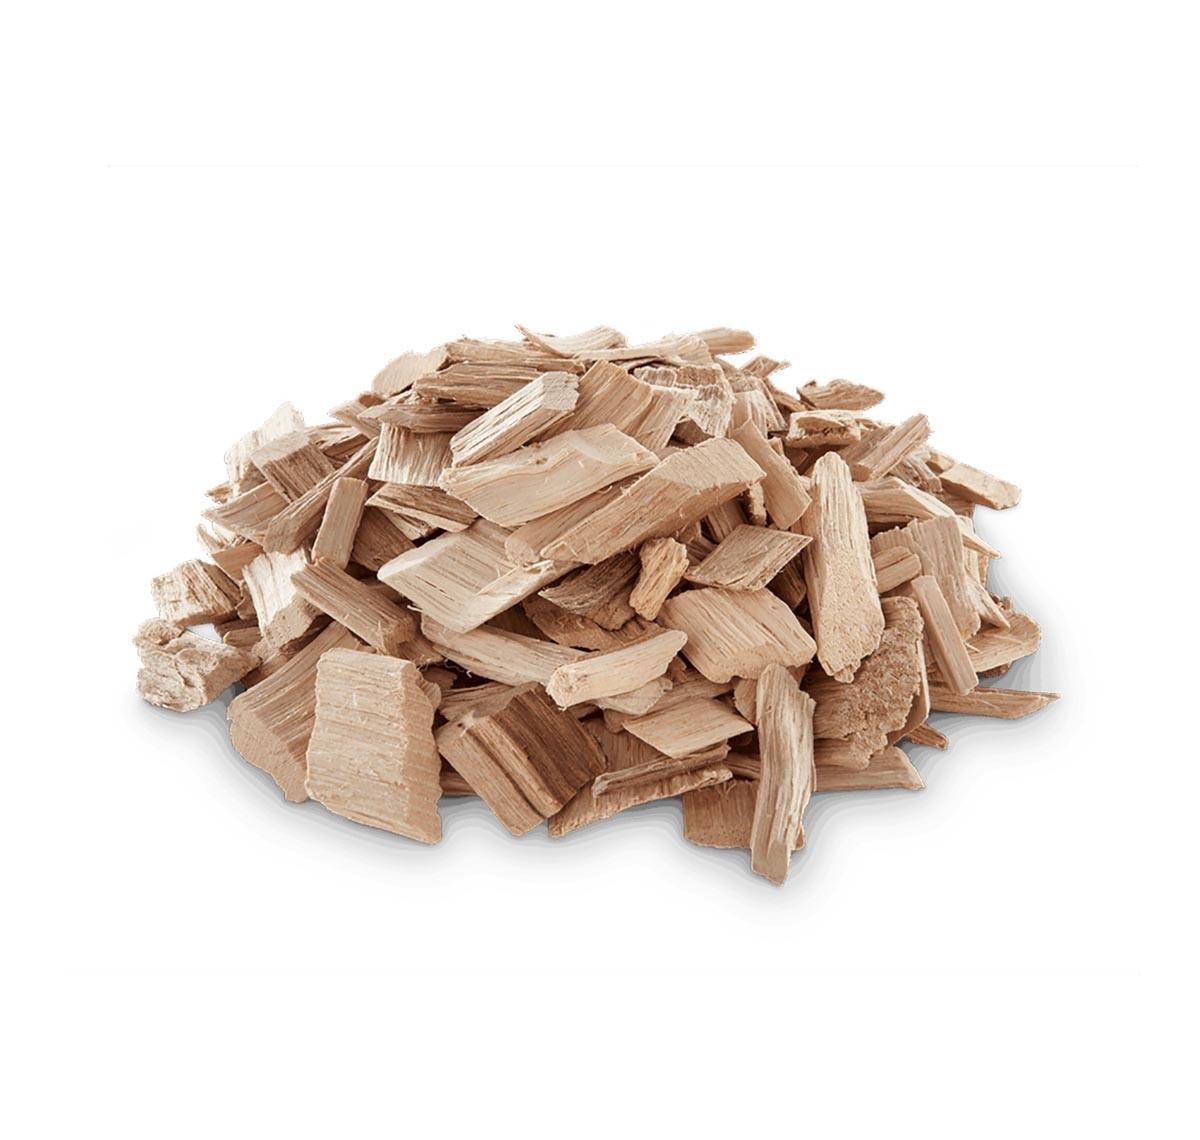 Wood Chips - Madeira Para Defumar De Abacateiro (1 kg)